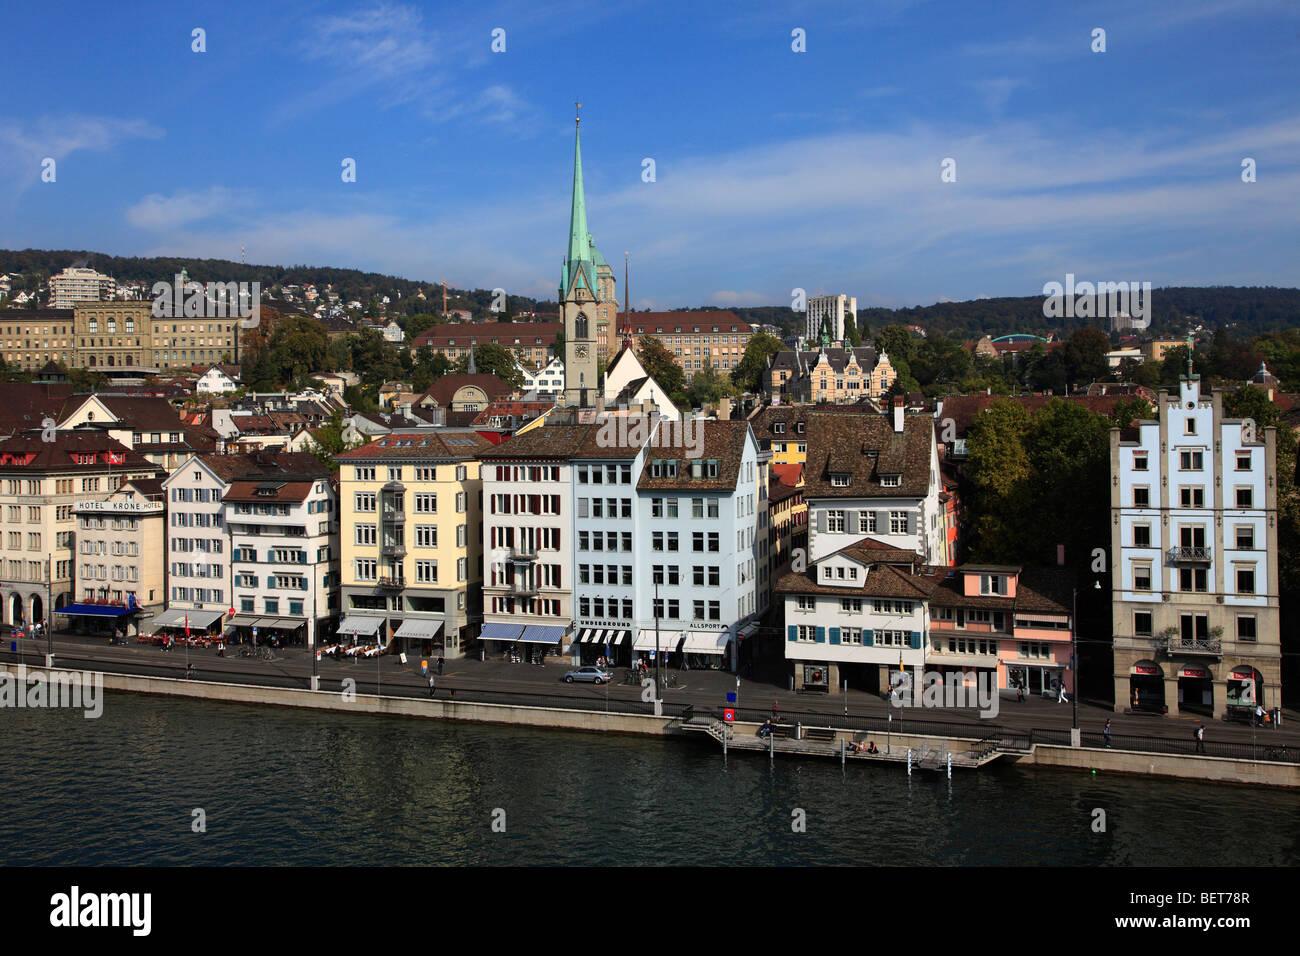 Switzerland, Zurich, skyline, general view, Limmat Quai - Stock Image